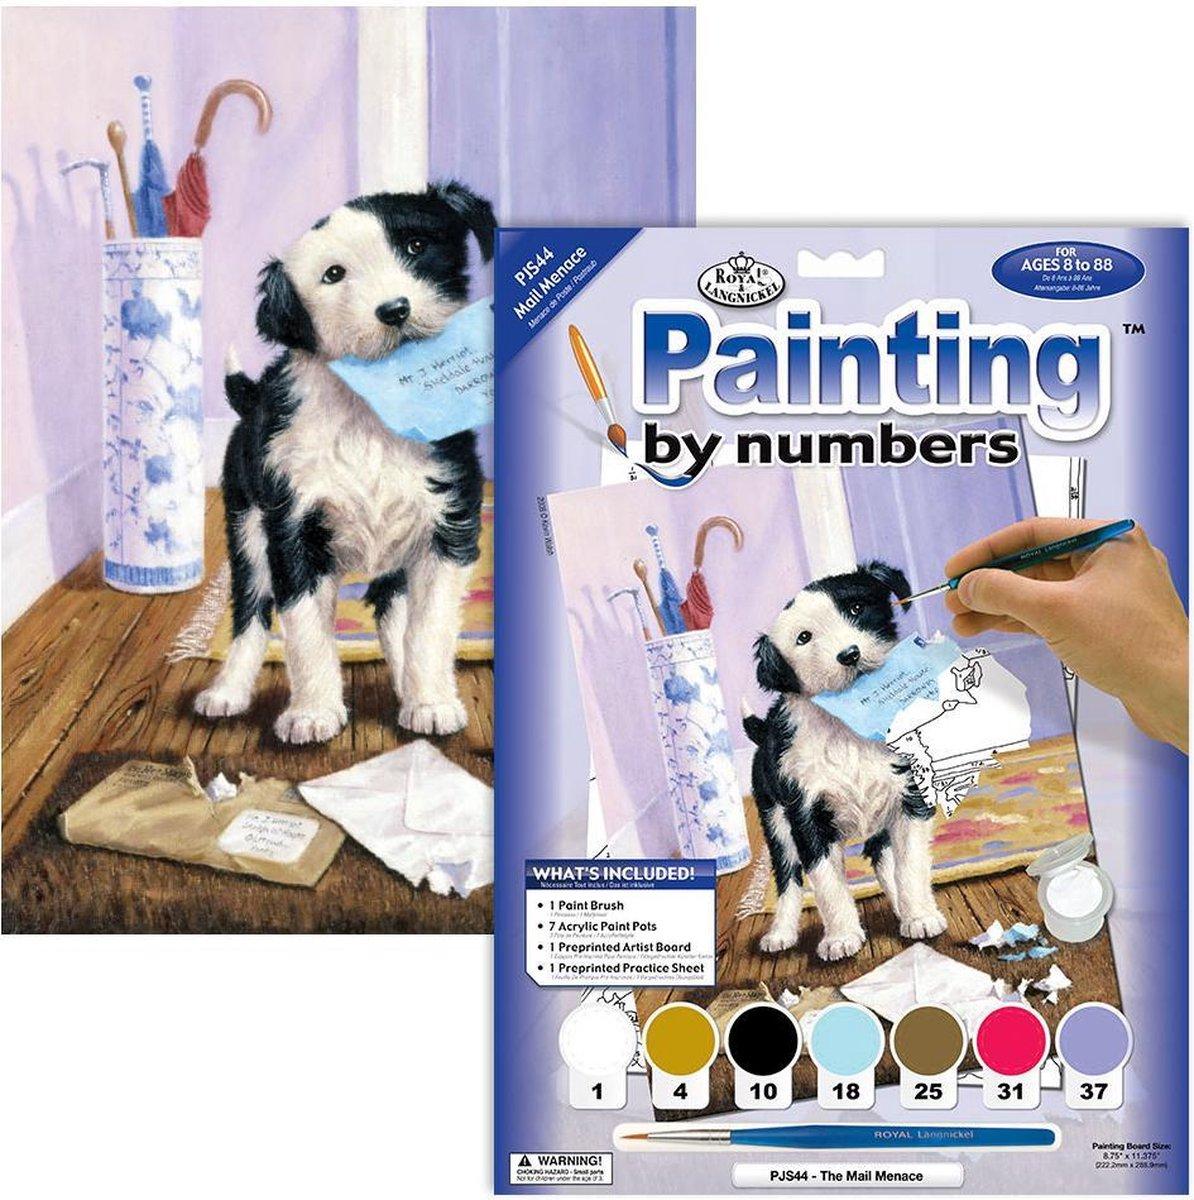 Schilderen op nummer - Paint by numbers - Dieren - Hond verscheurd de post 22x30cm - Schilderen op nummer volwassenen - Paint by numbers volwassenen